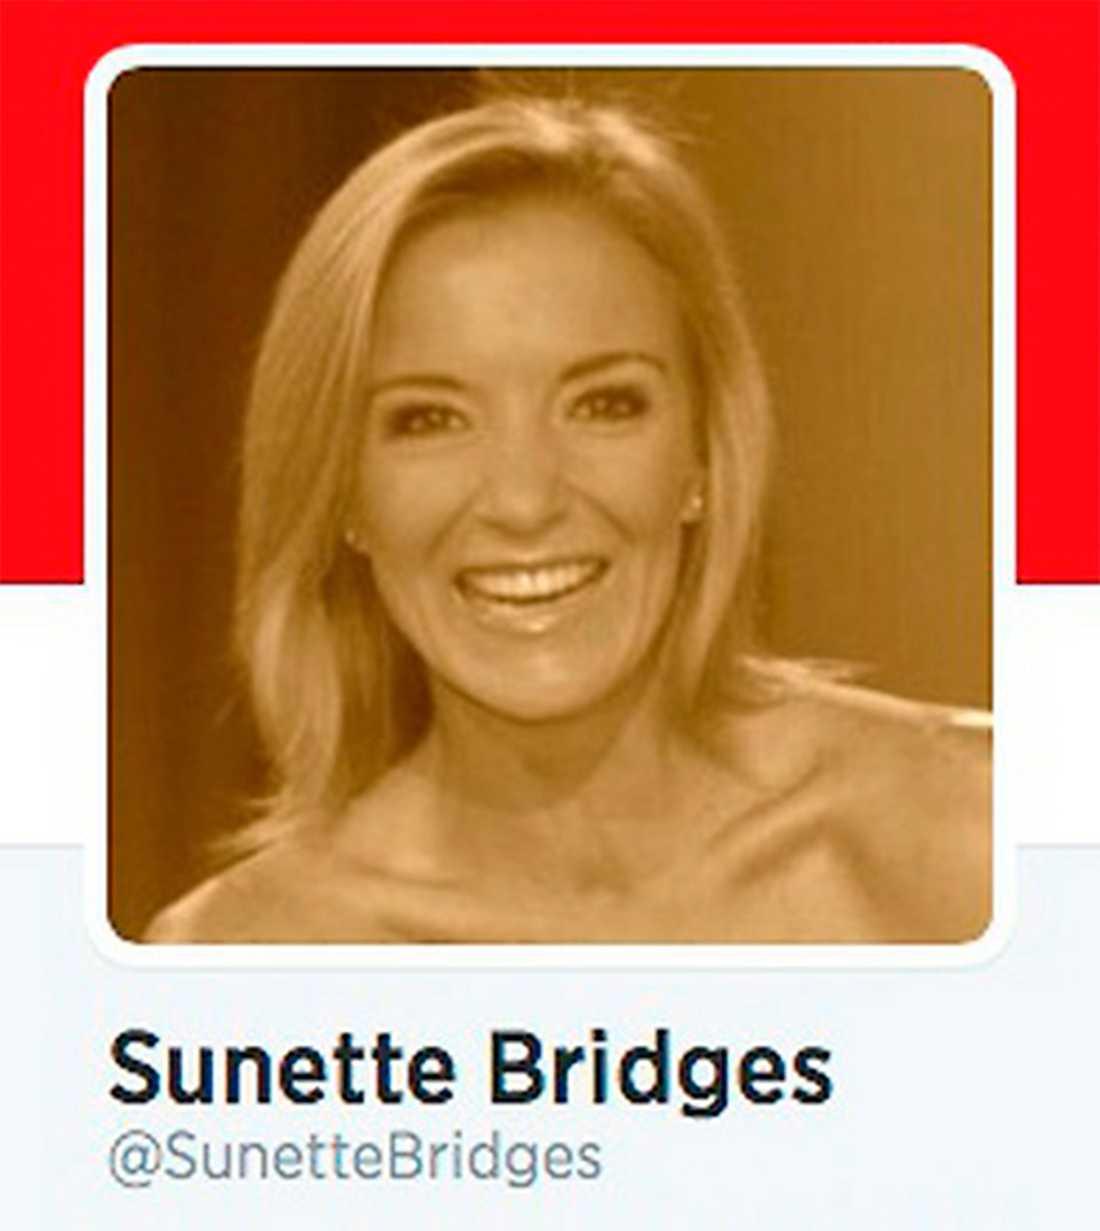 Sångerskan Sunette Bridges, en viktig röst för vita separatister i Sydafrika, samarbetar med RHA. Bild: Twitter